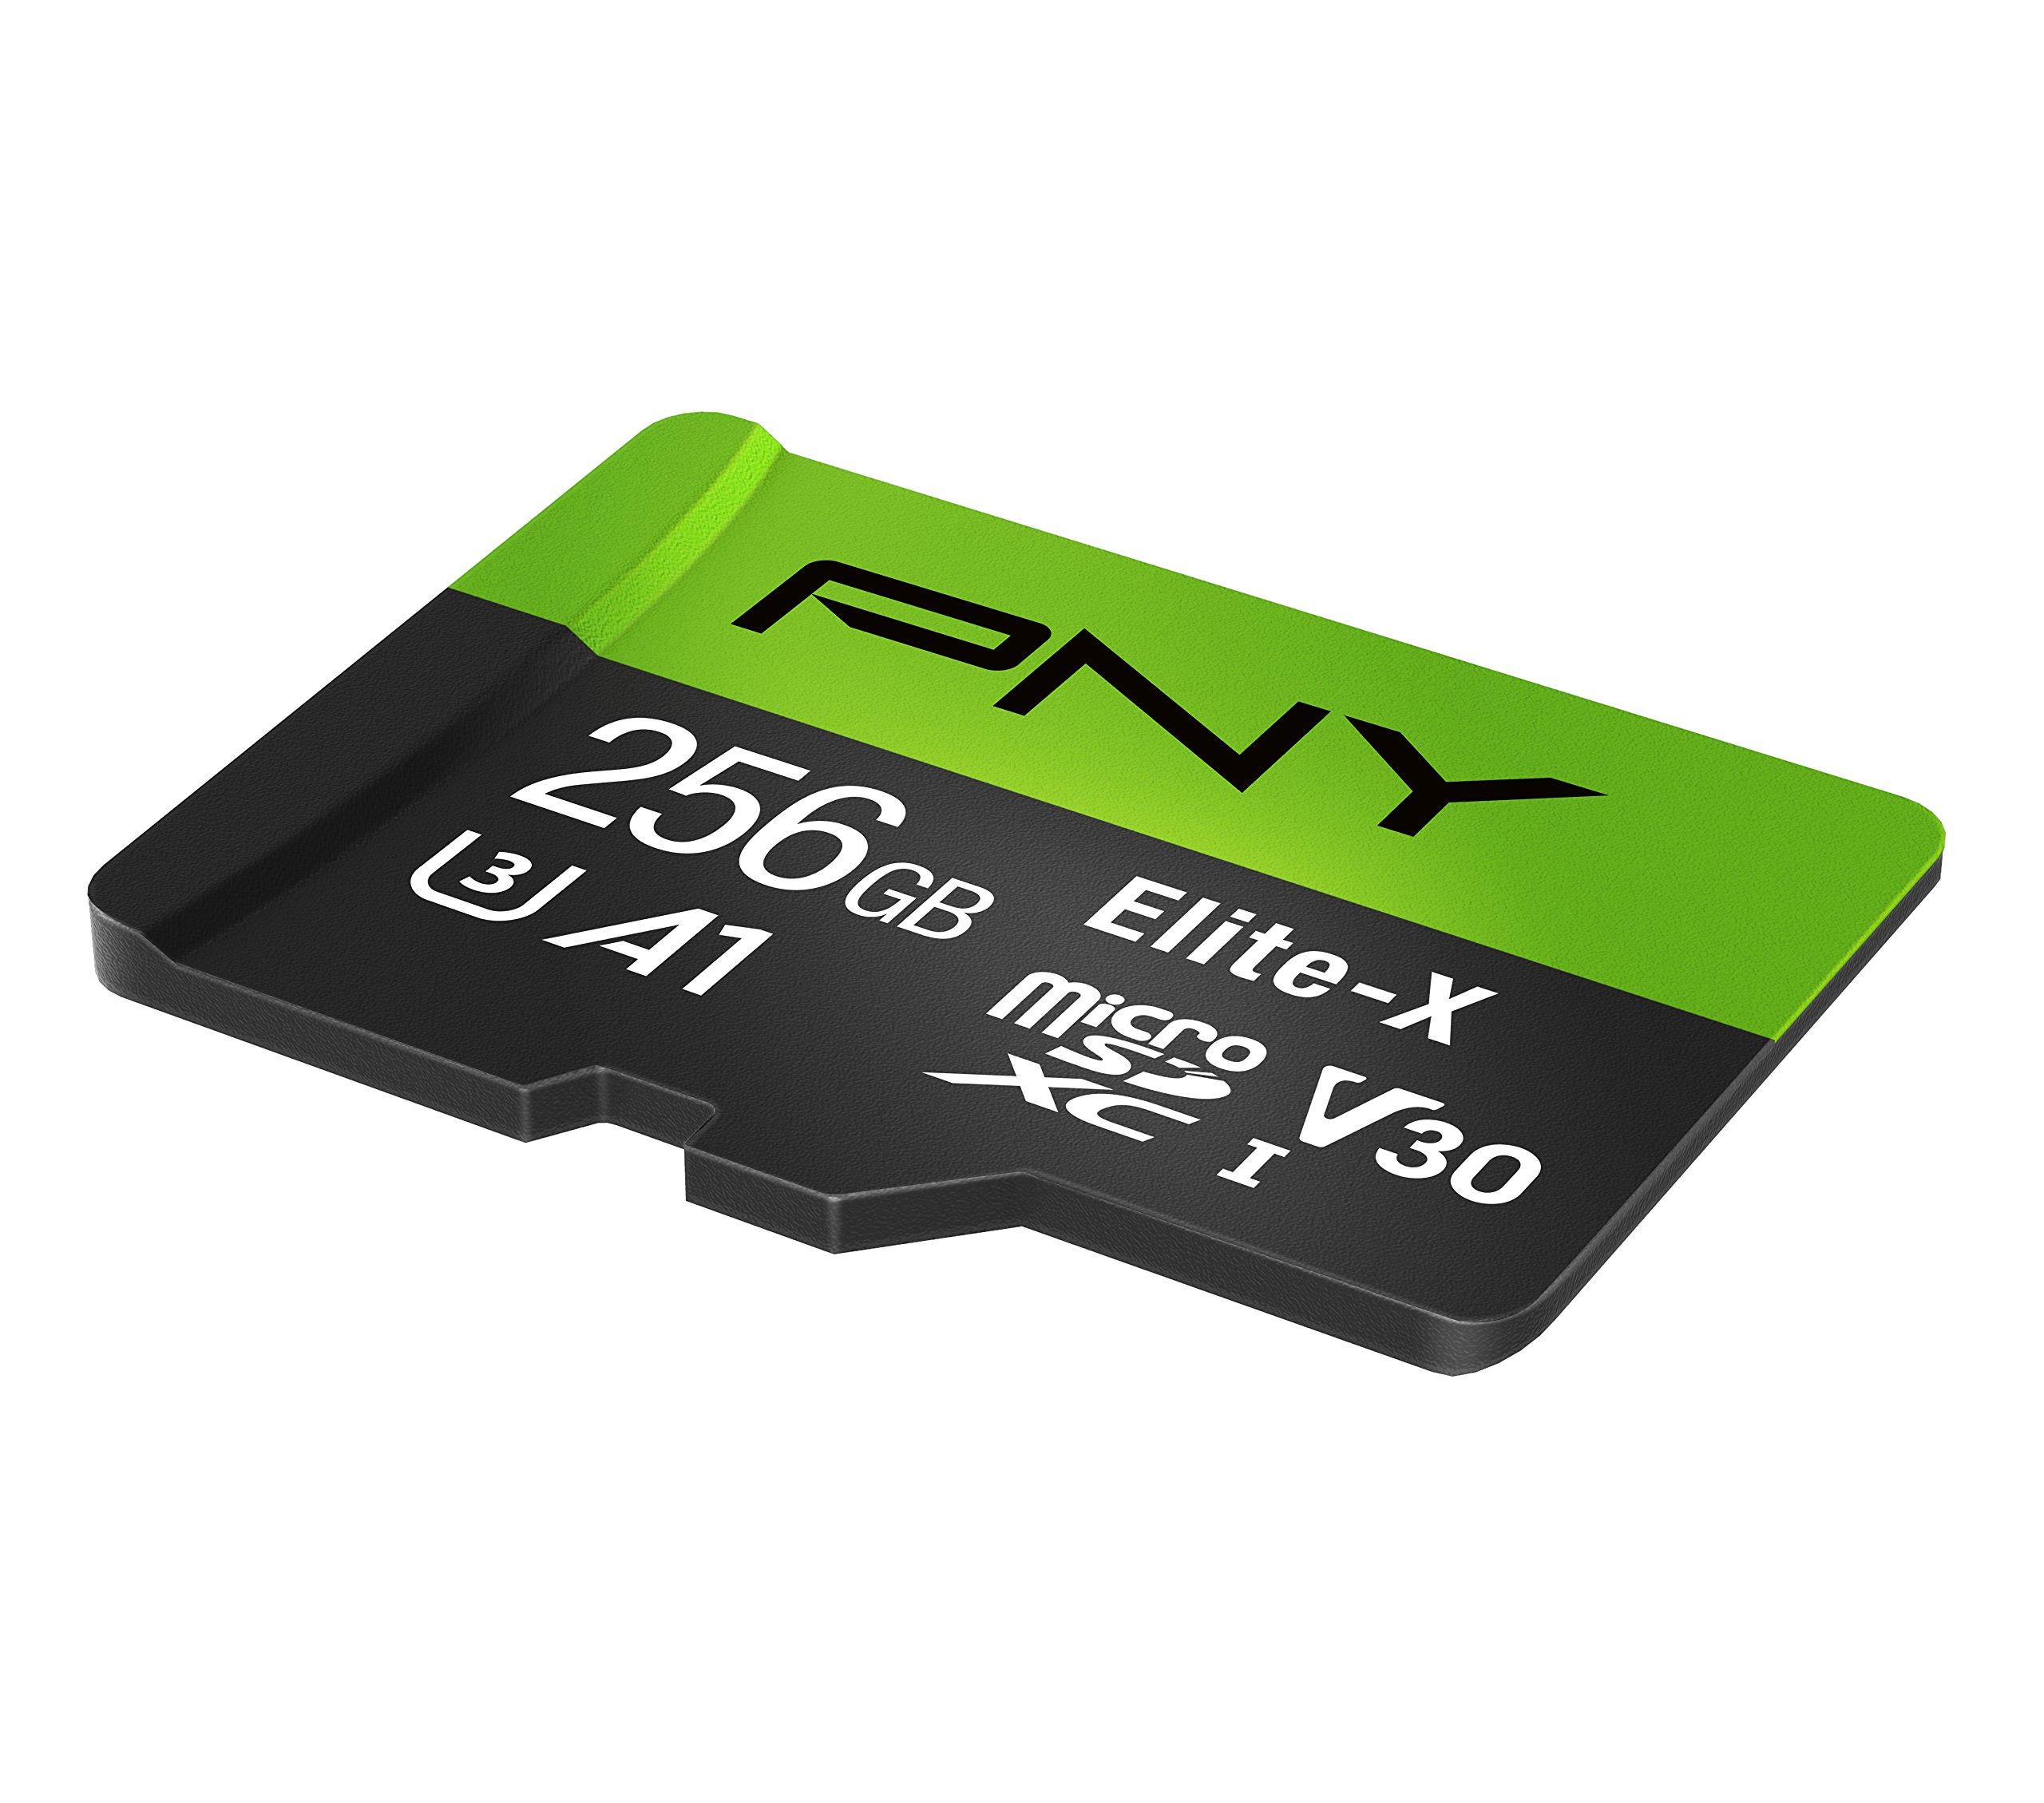 PNY Elite-X microSD 256GB, U3, V30, A1, Class 10, up to 100MB/s – P-SDU256U3100EX-GE by PNY (Image #2)